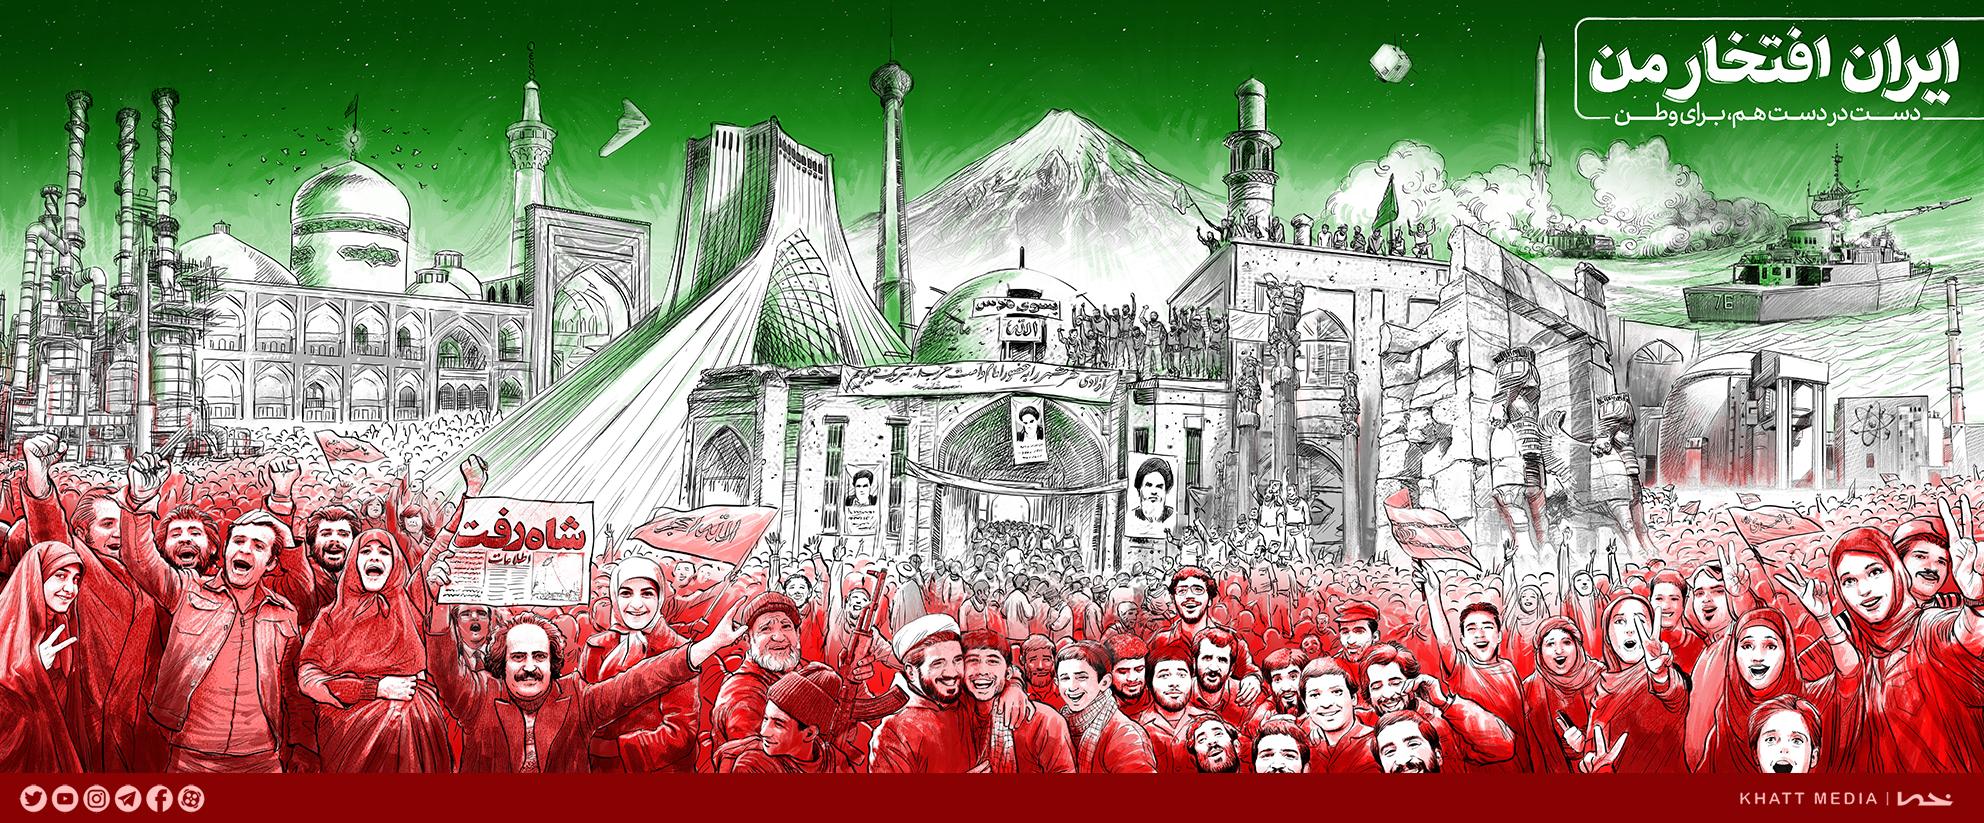 ایران، افتخار من